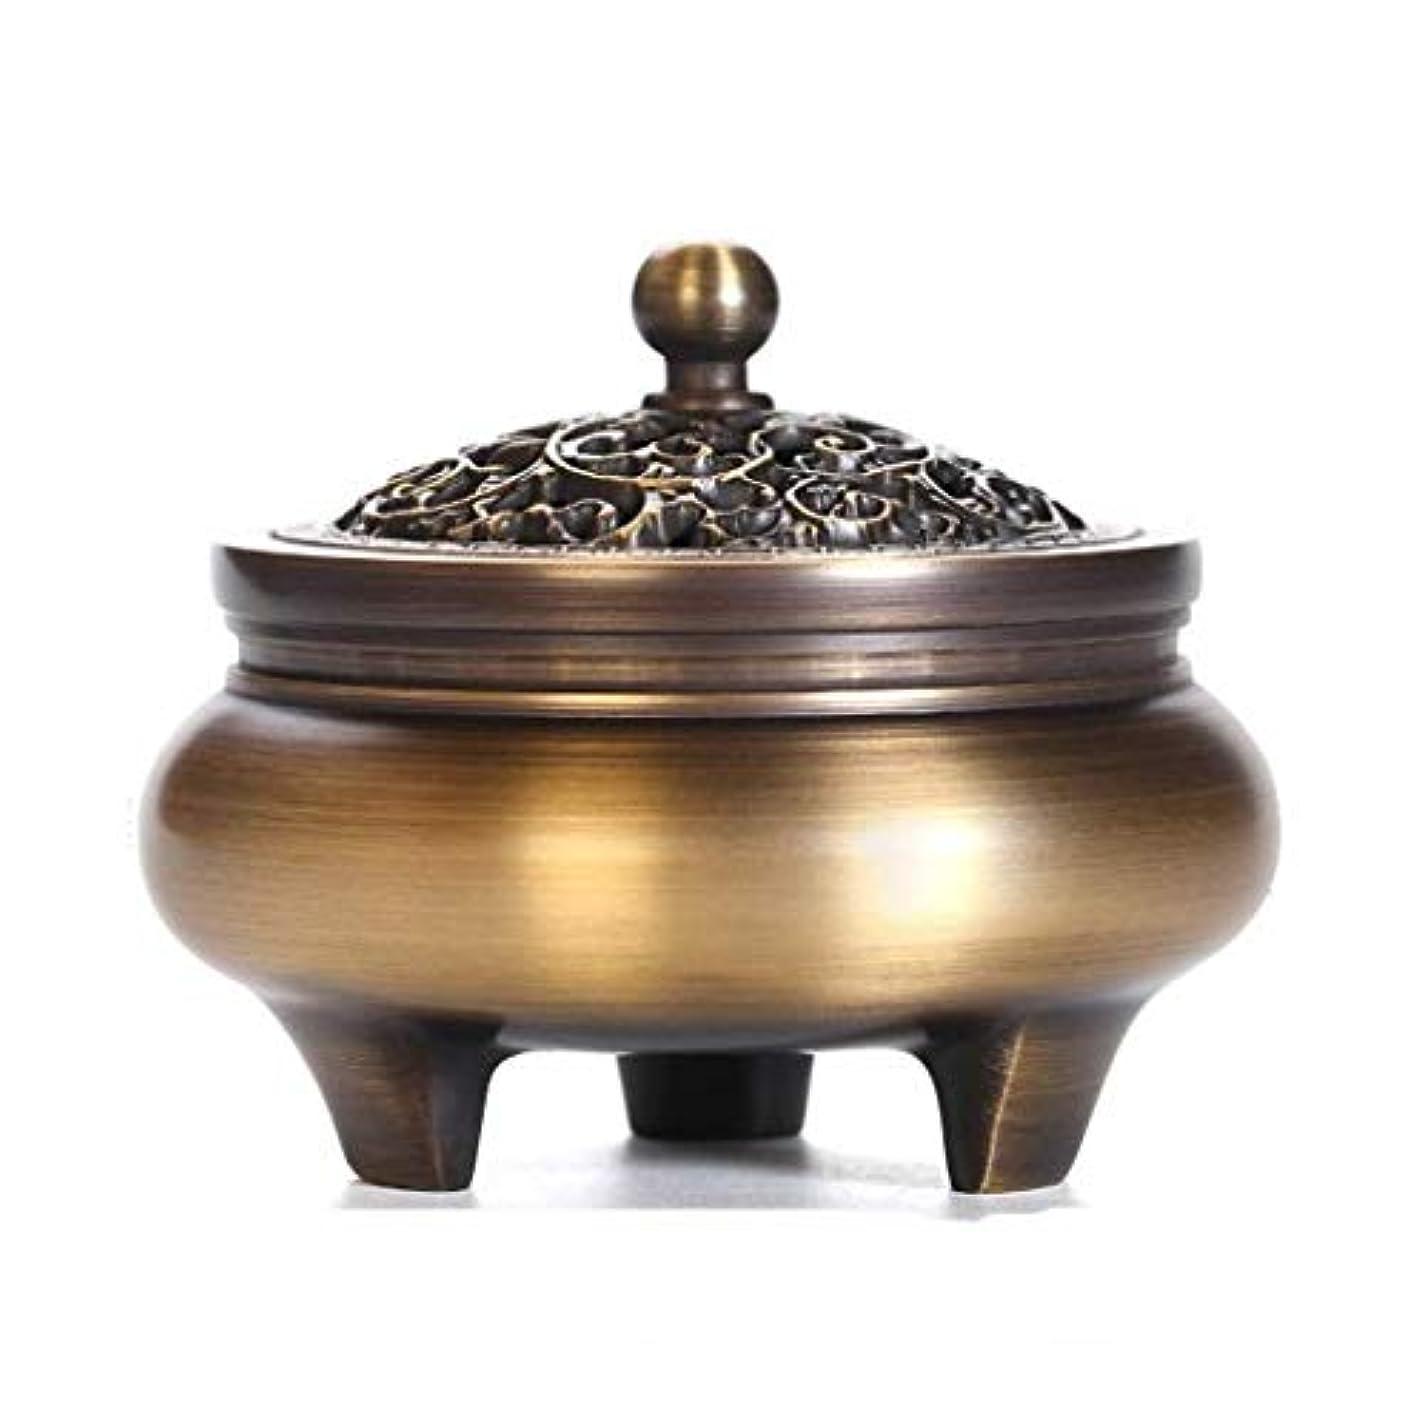 チロ確認グレード芳香器?アロマバーナー 純粋な銅三脚家庭用香炉プロセス香バーナーホーム屋内アロマセラピー炉の装飾 アロマバーナー芳香器 (Color : Brass)